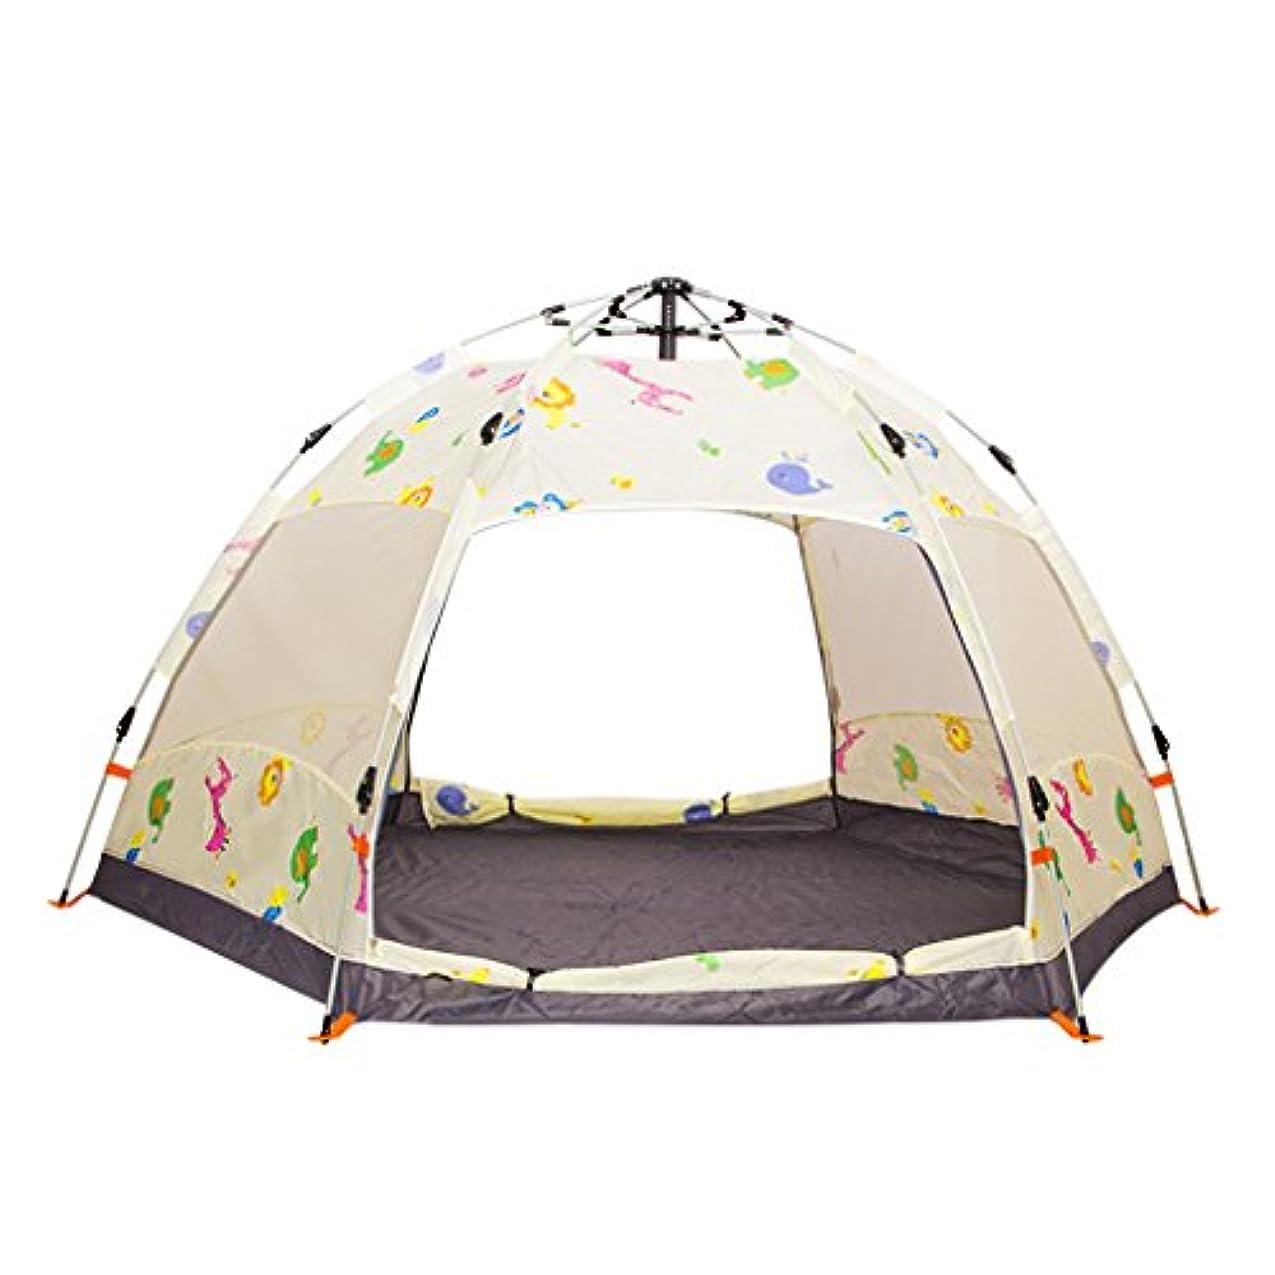 概要が欲しい活性化するYDYLZC- テント、自動ヘキサゴン厚い防雨フィールド屋外キャンプ 柔らかい